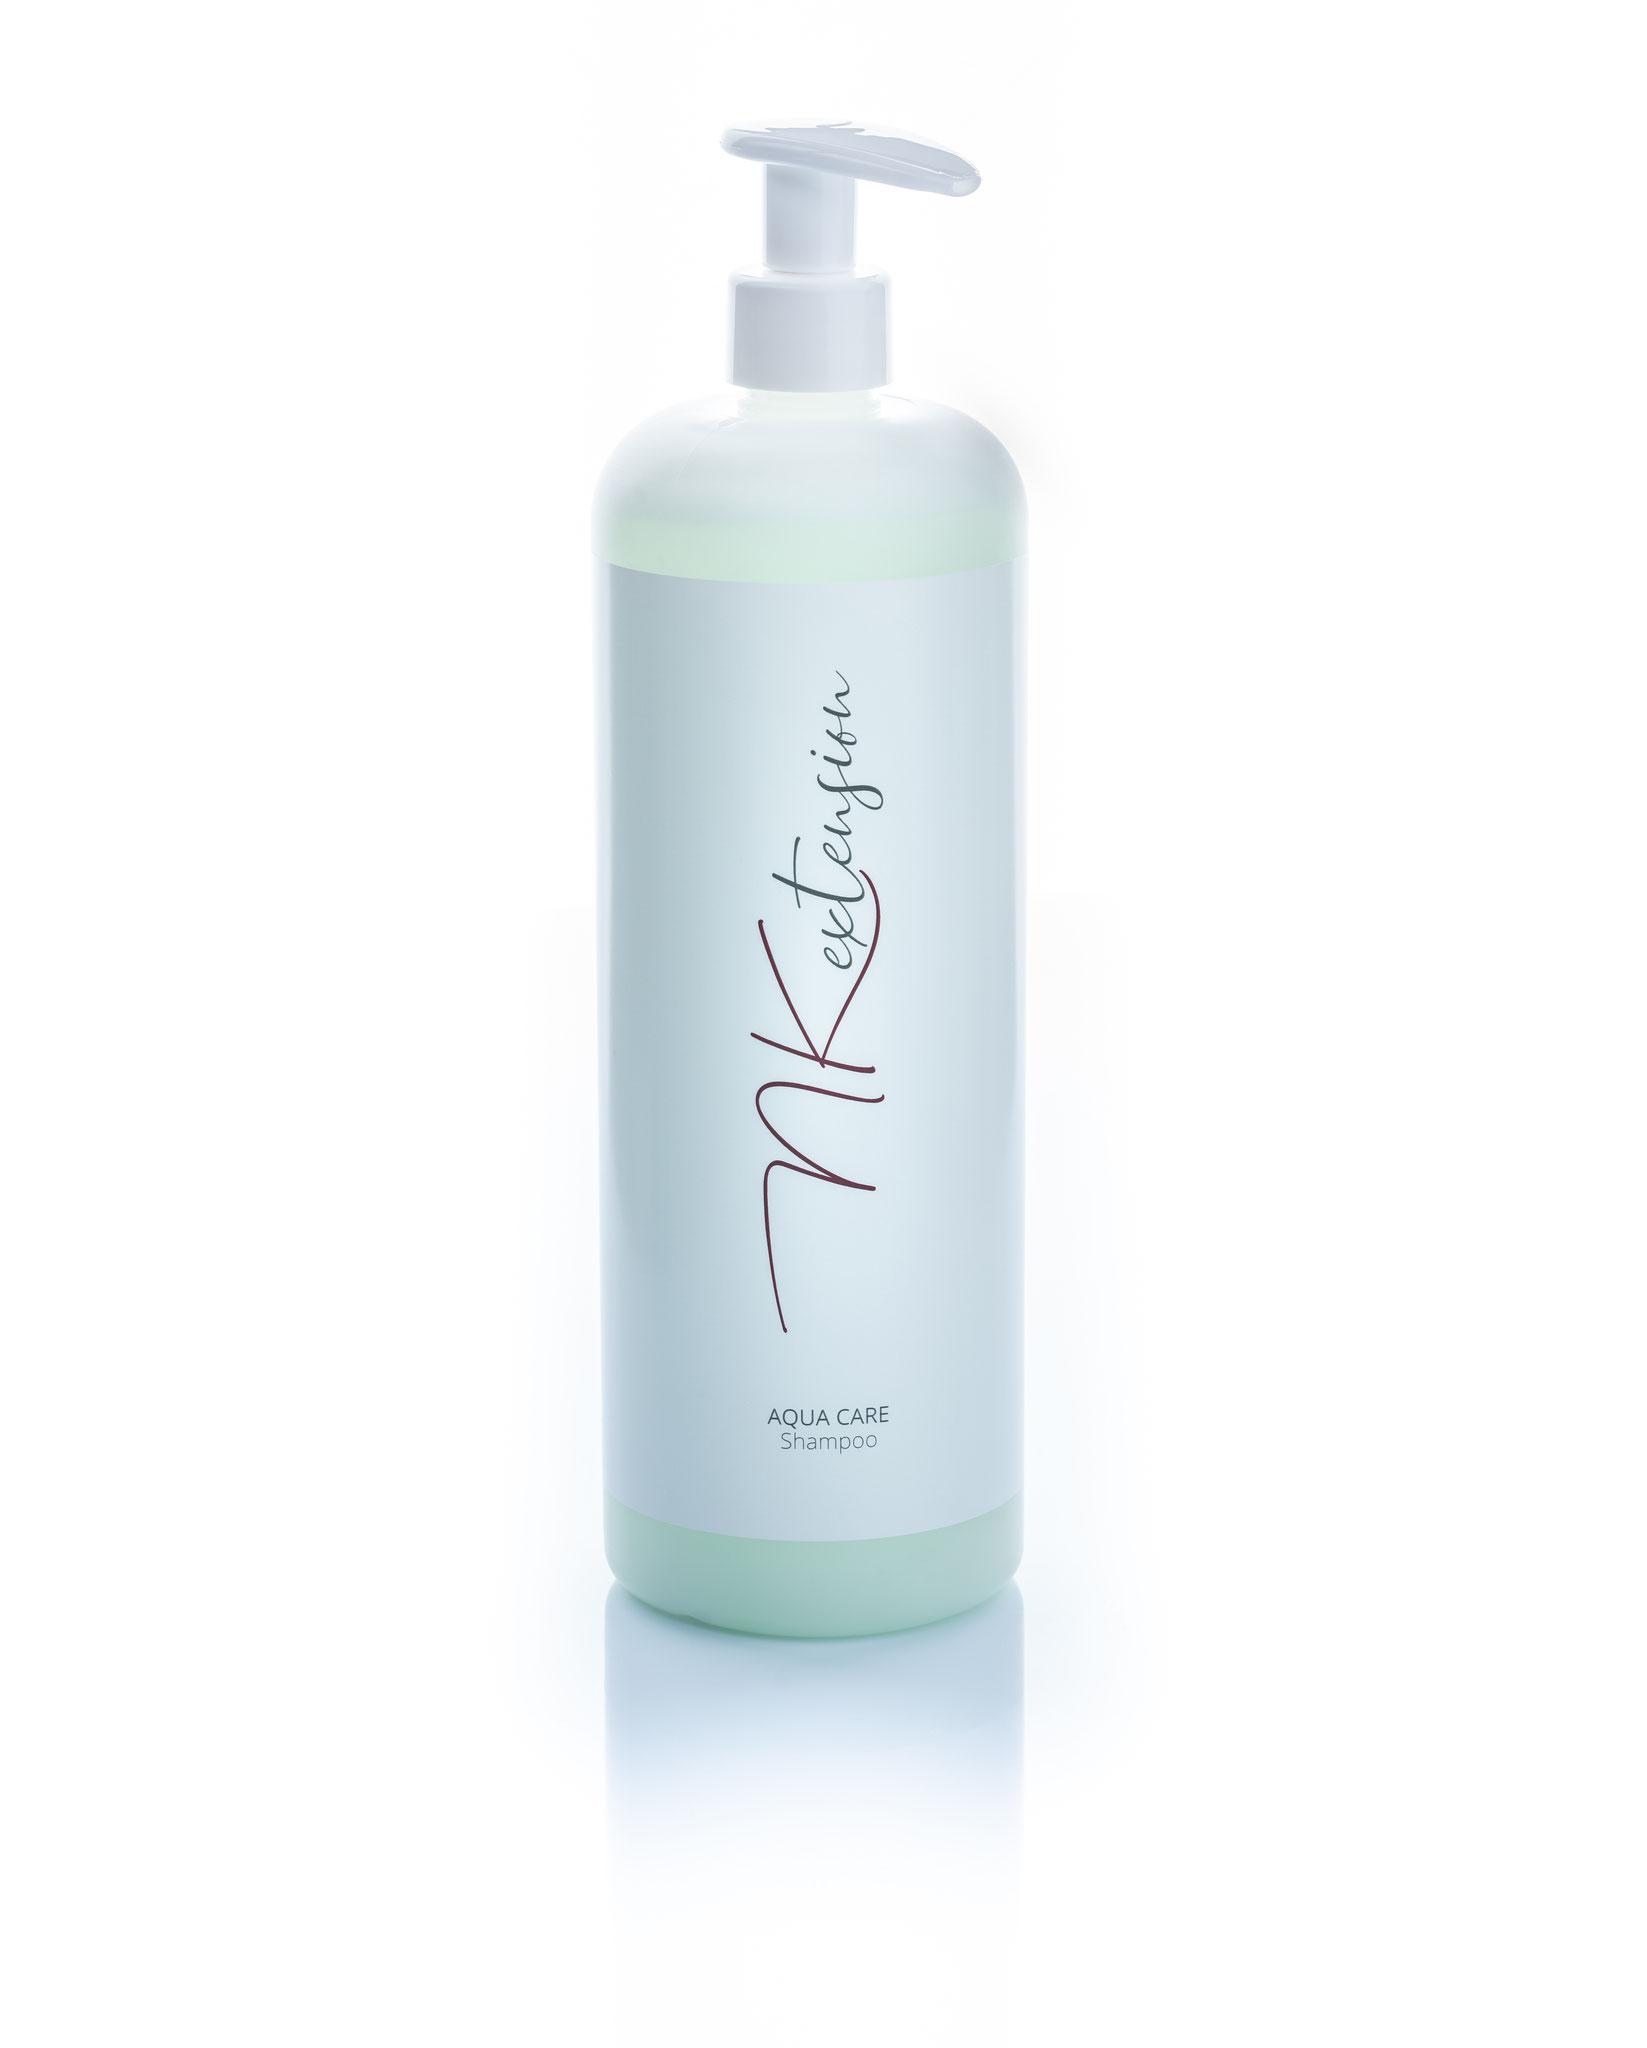 Aqua Care Shampoo 1000ml